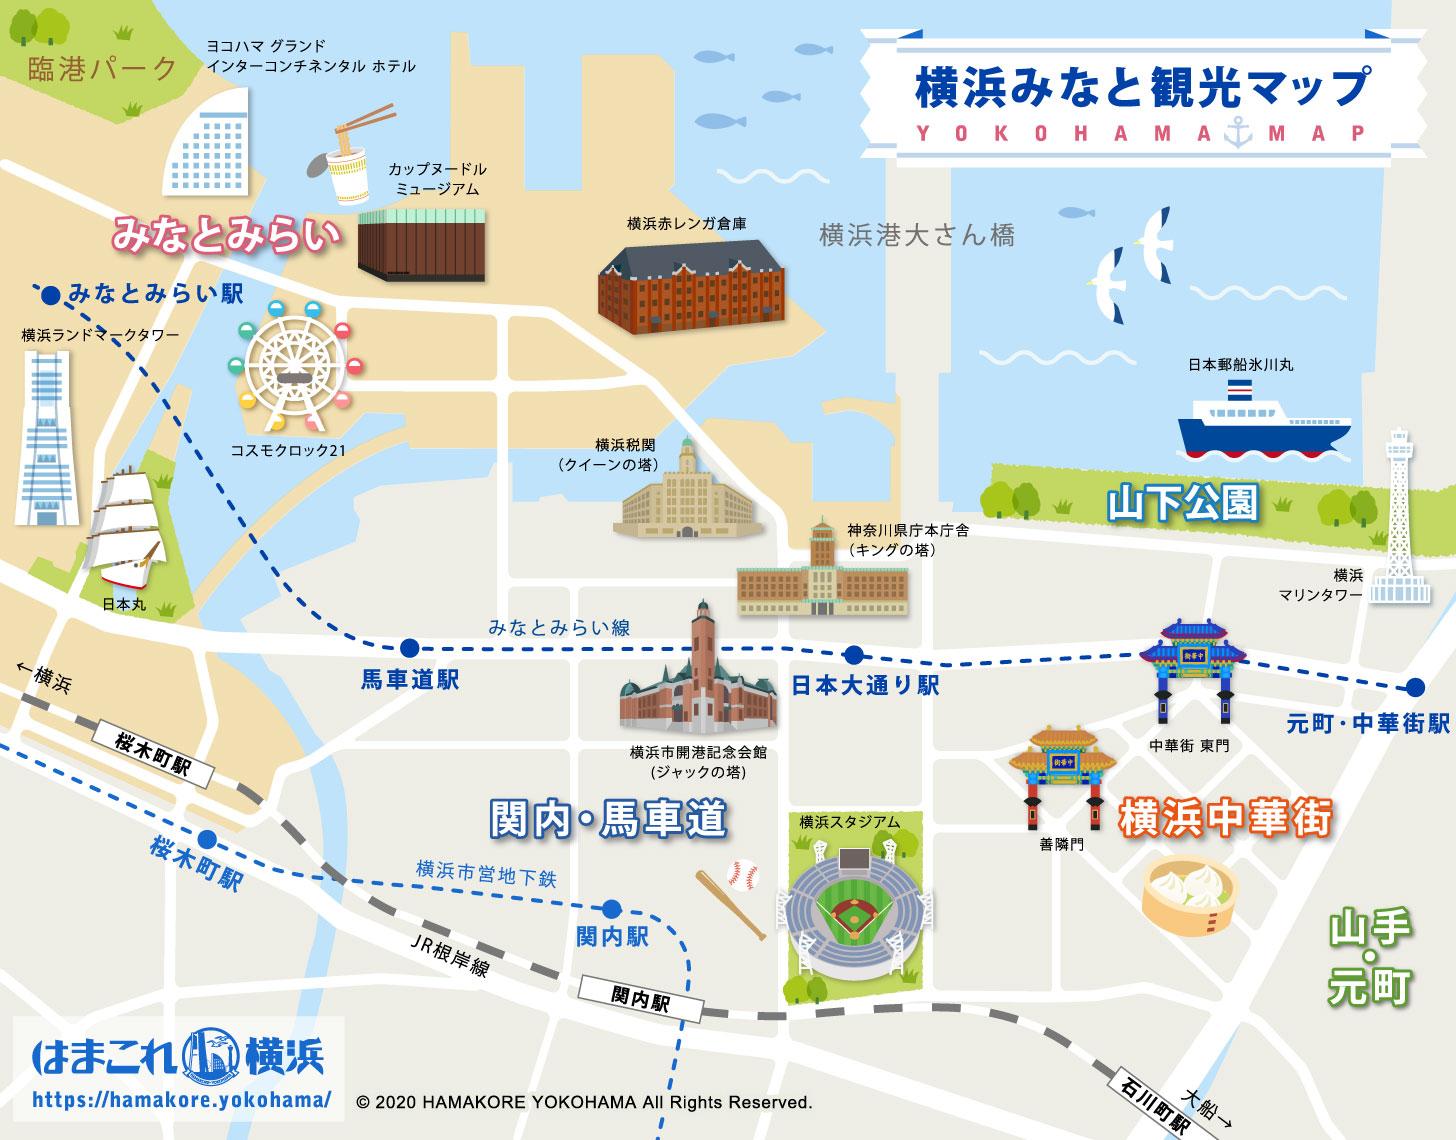 横浜みなとみらいの場所・地図